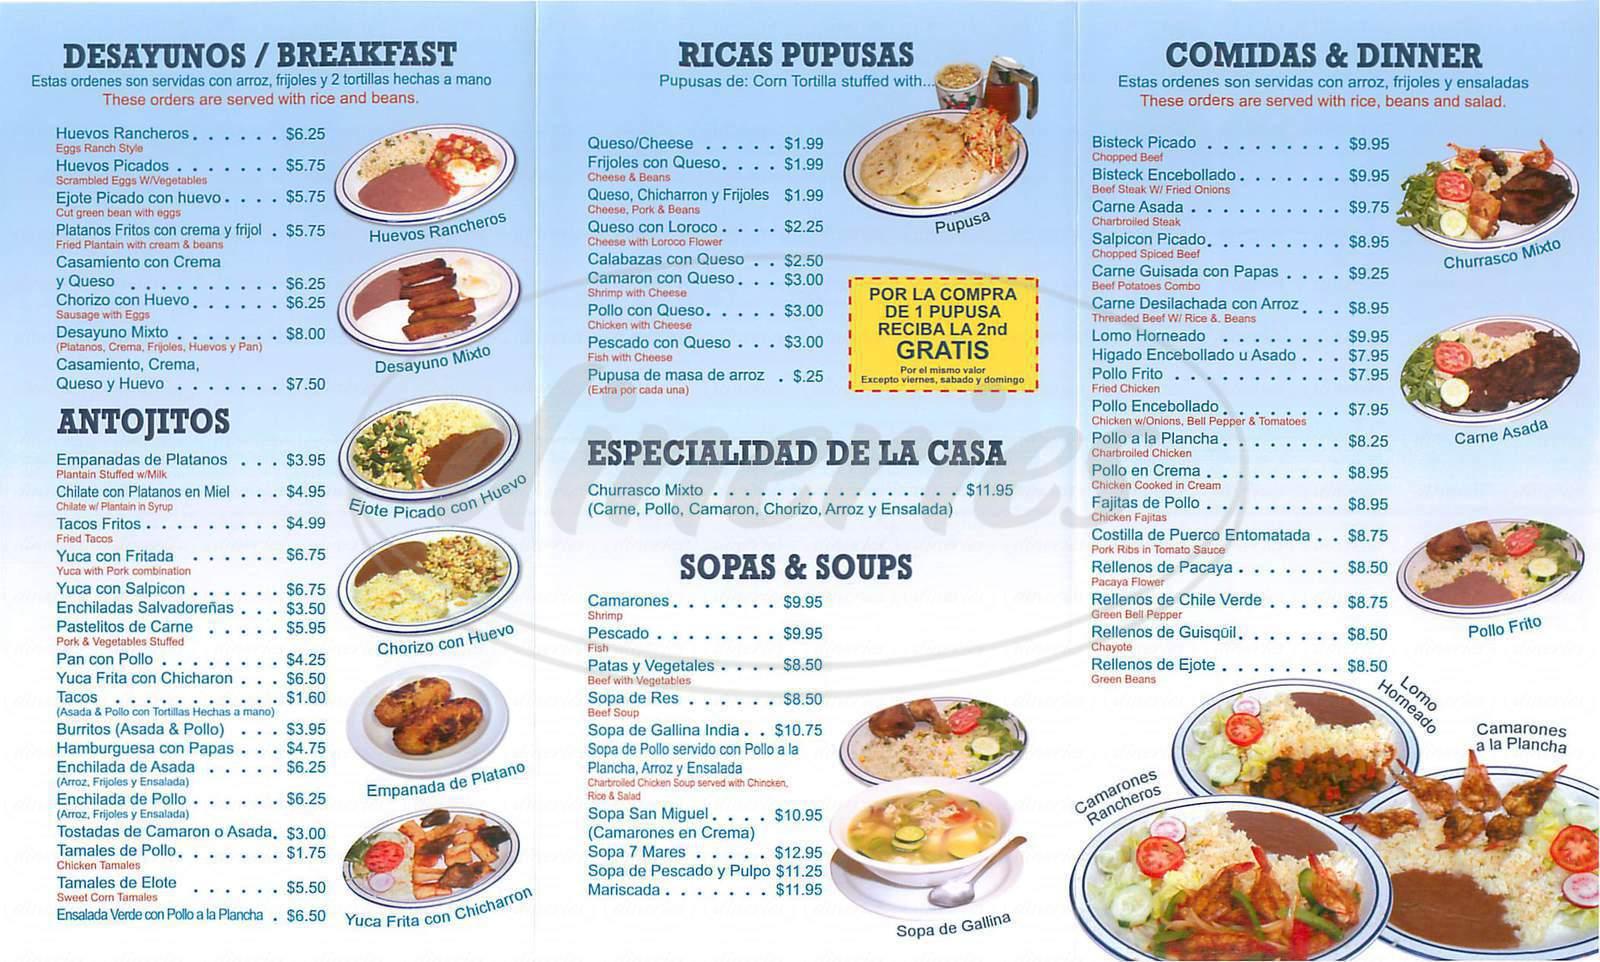 menu for El Nuevo Rinconcito Salvadoreno